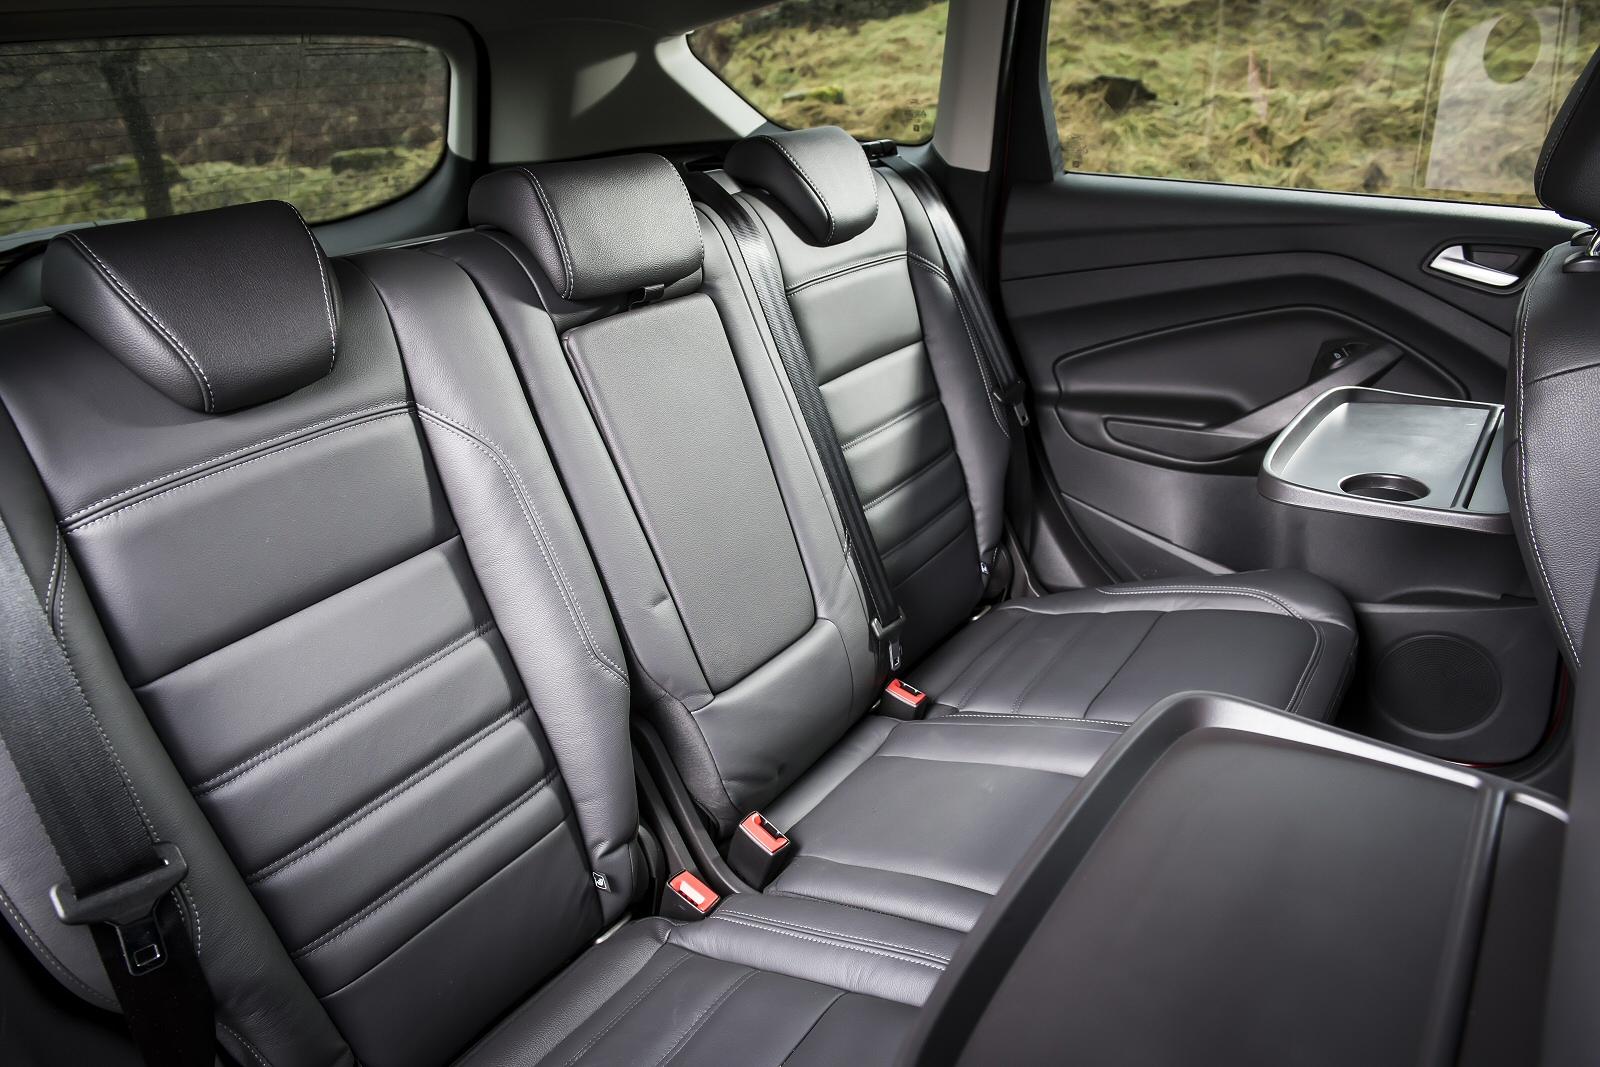 New ford kuga 1 5 tdci st line x 5dr 2wd diesel estate for sale macklin motors